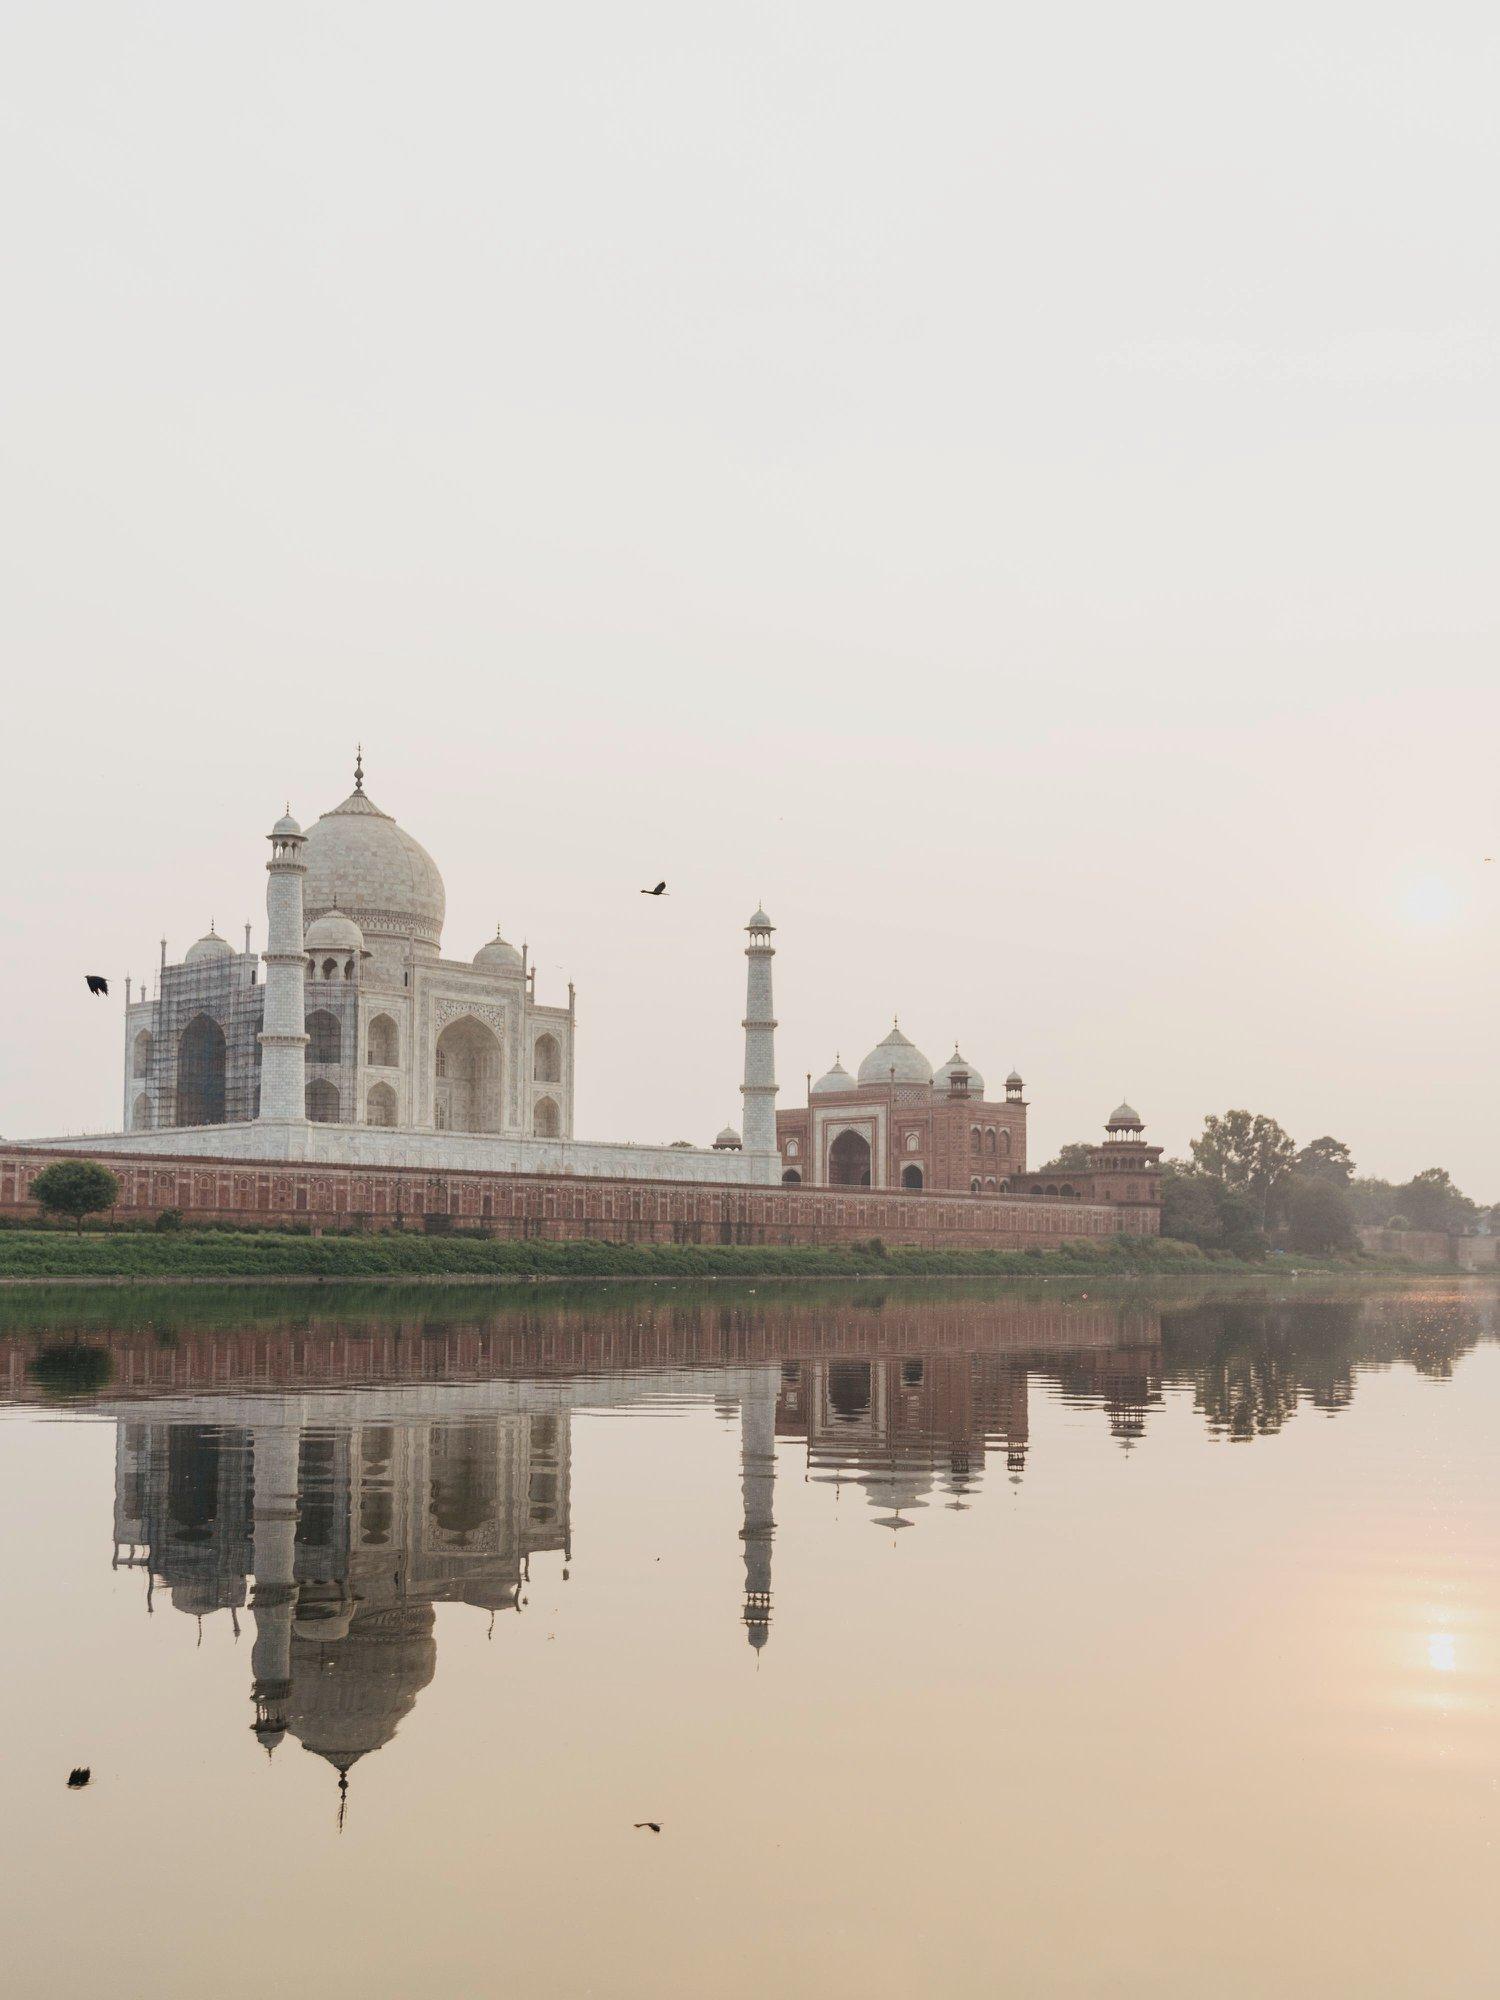 taj-mahal-agra-yamuna-river-travel